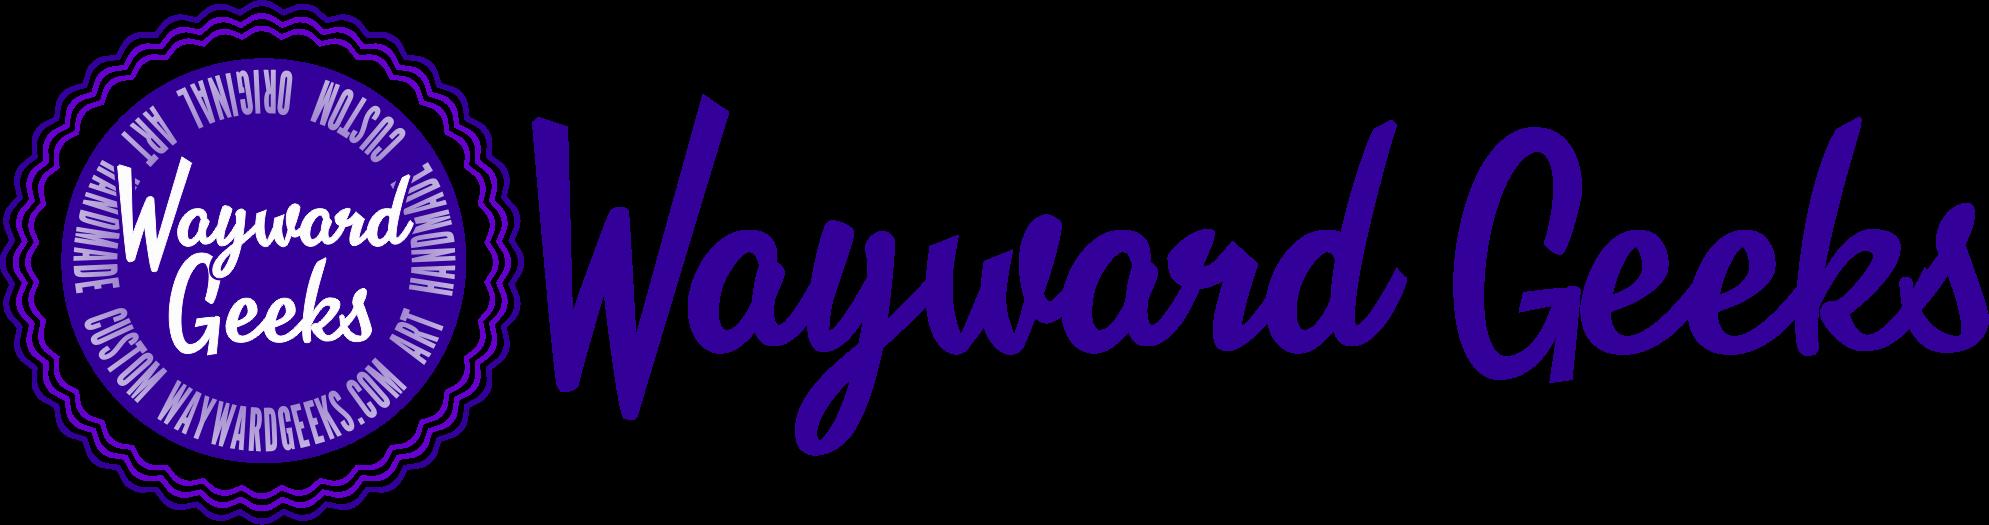 Wayward Geeks